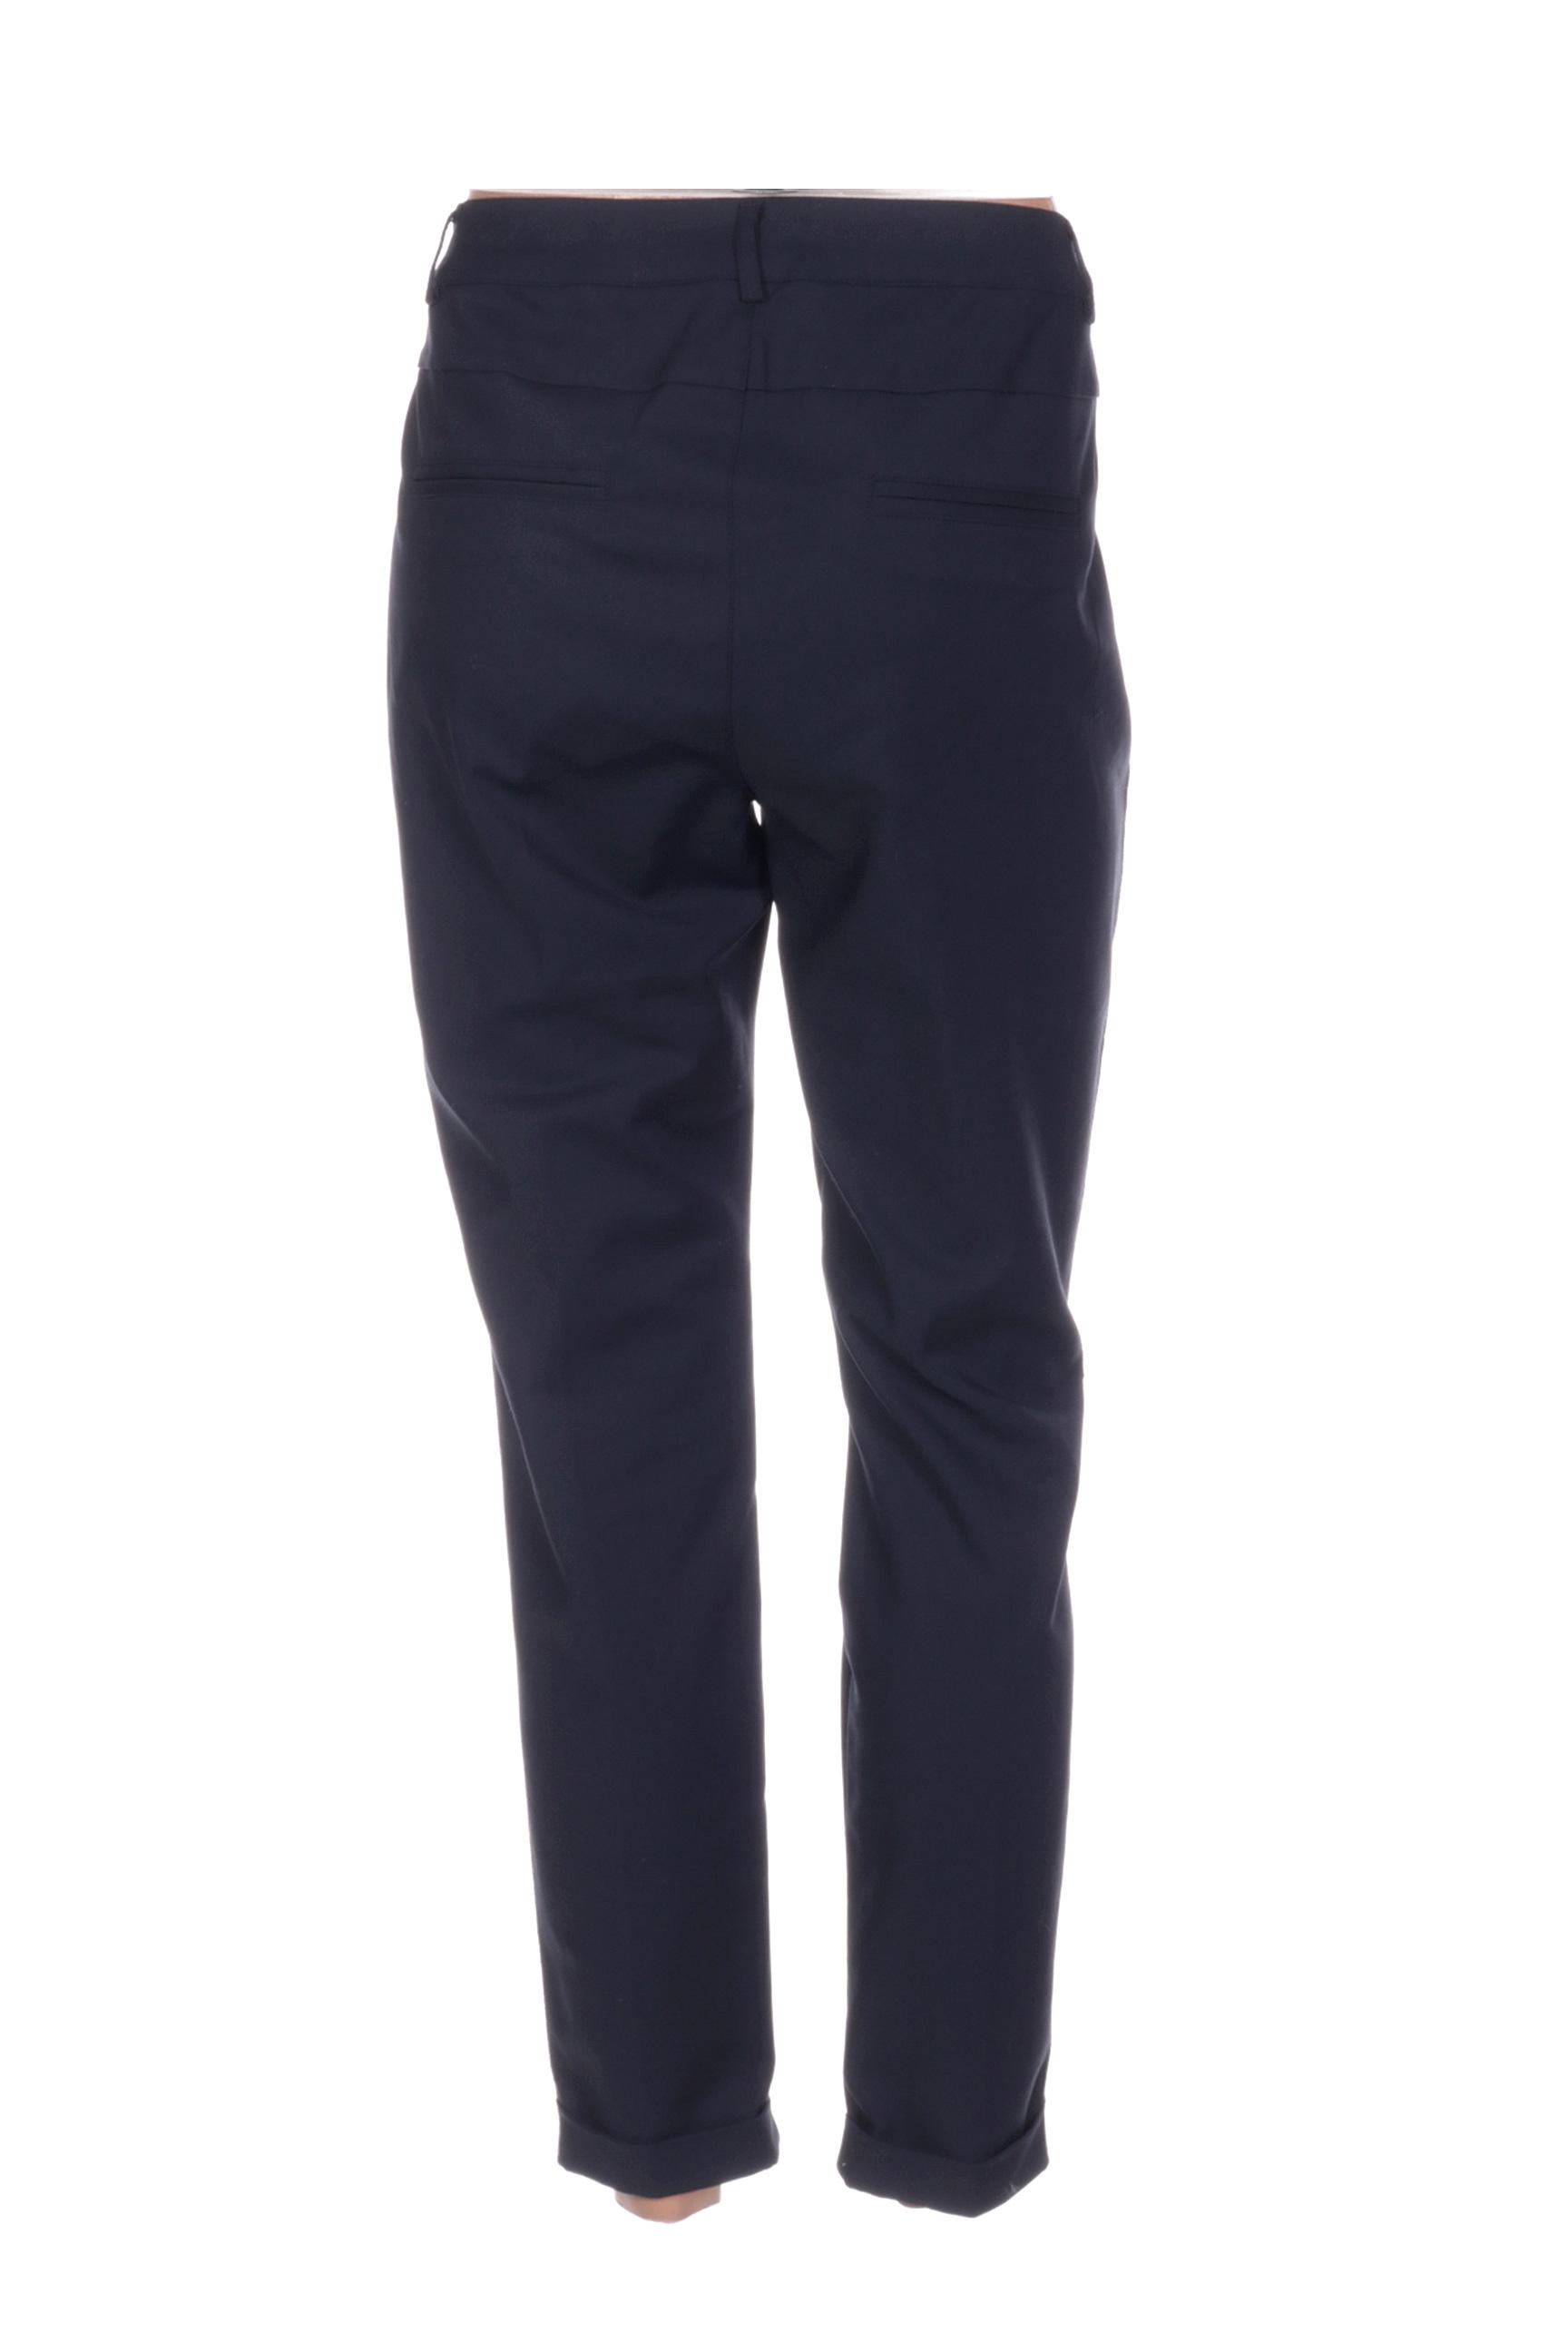 Cream Pantalon7 8 Femme De Couleur Bleu En Soldes Pas Cher 1421816-bleu00